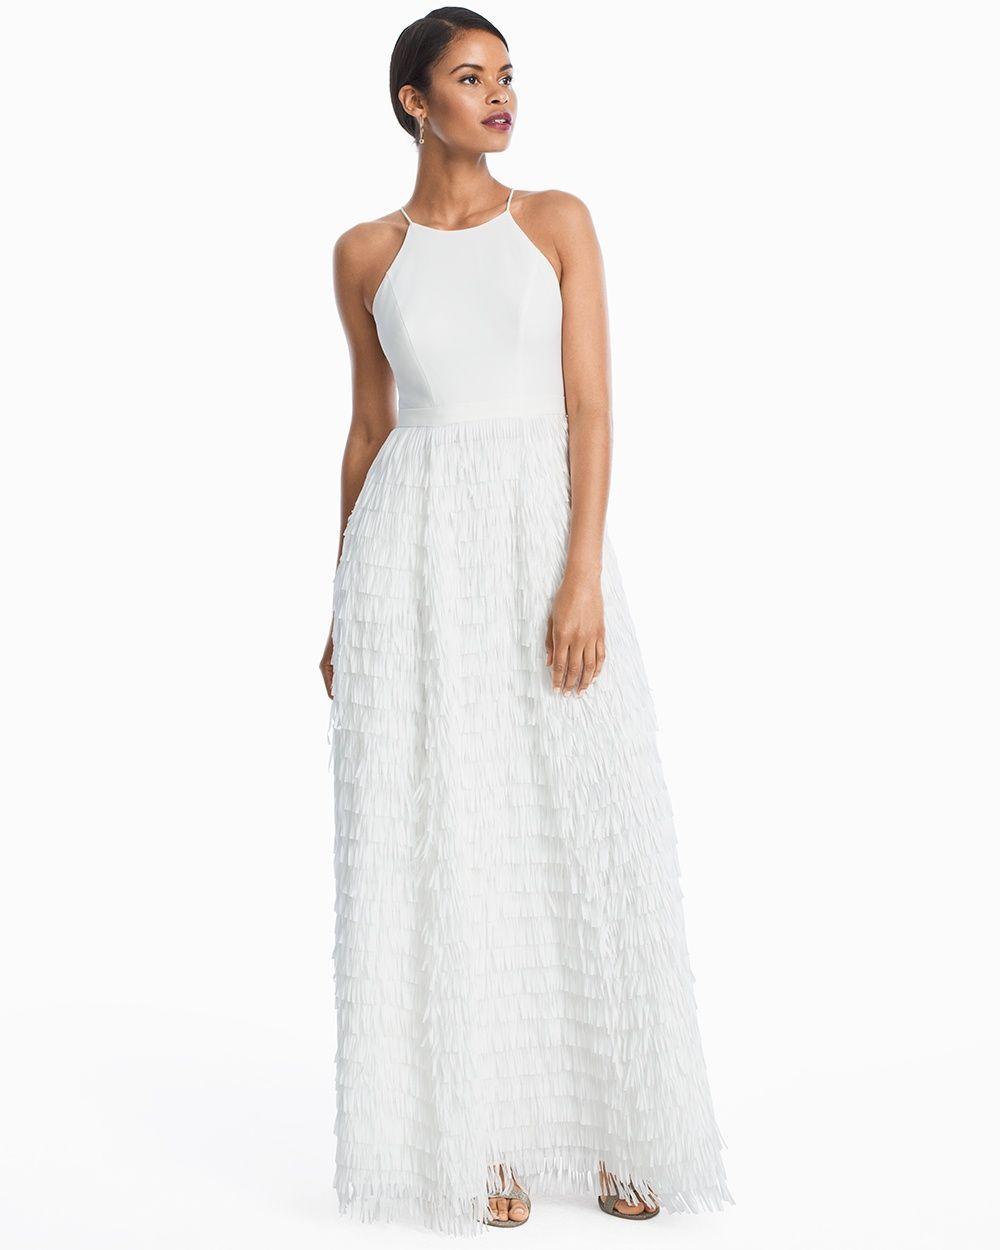 Women\'s Aidan Mattox White Halter Fringe Skirt Gown by WHBM | Fringe ...